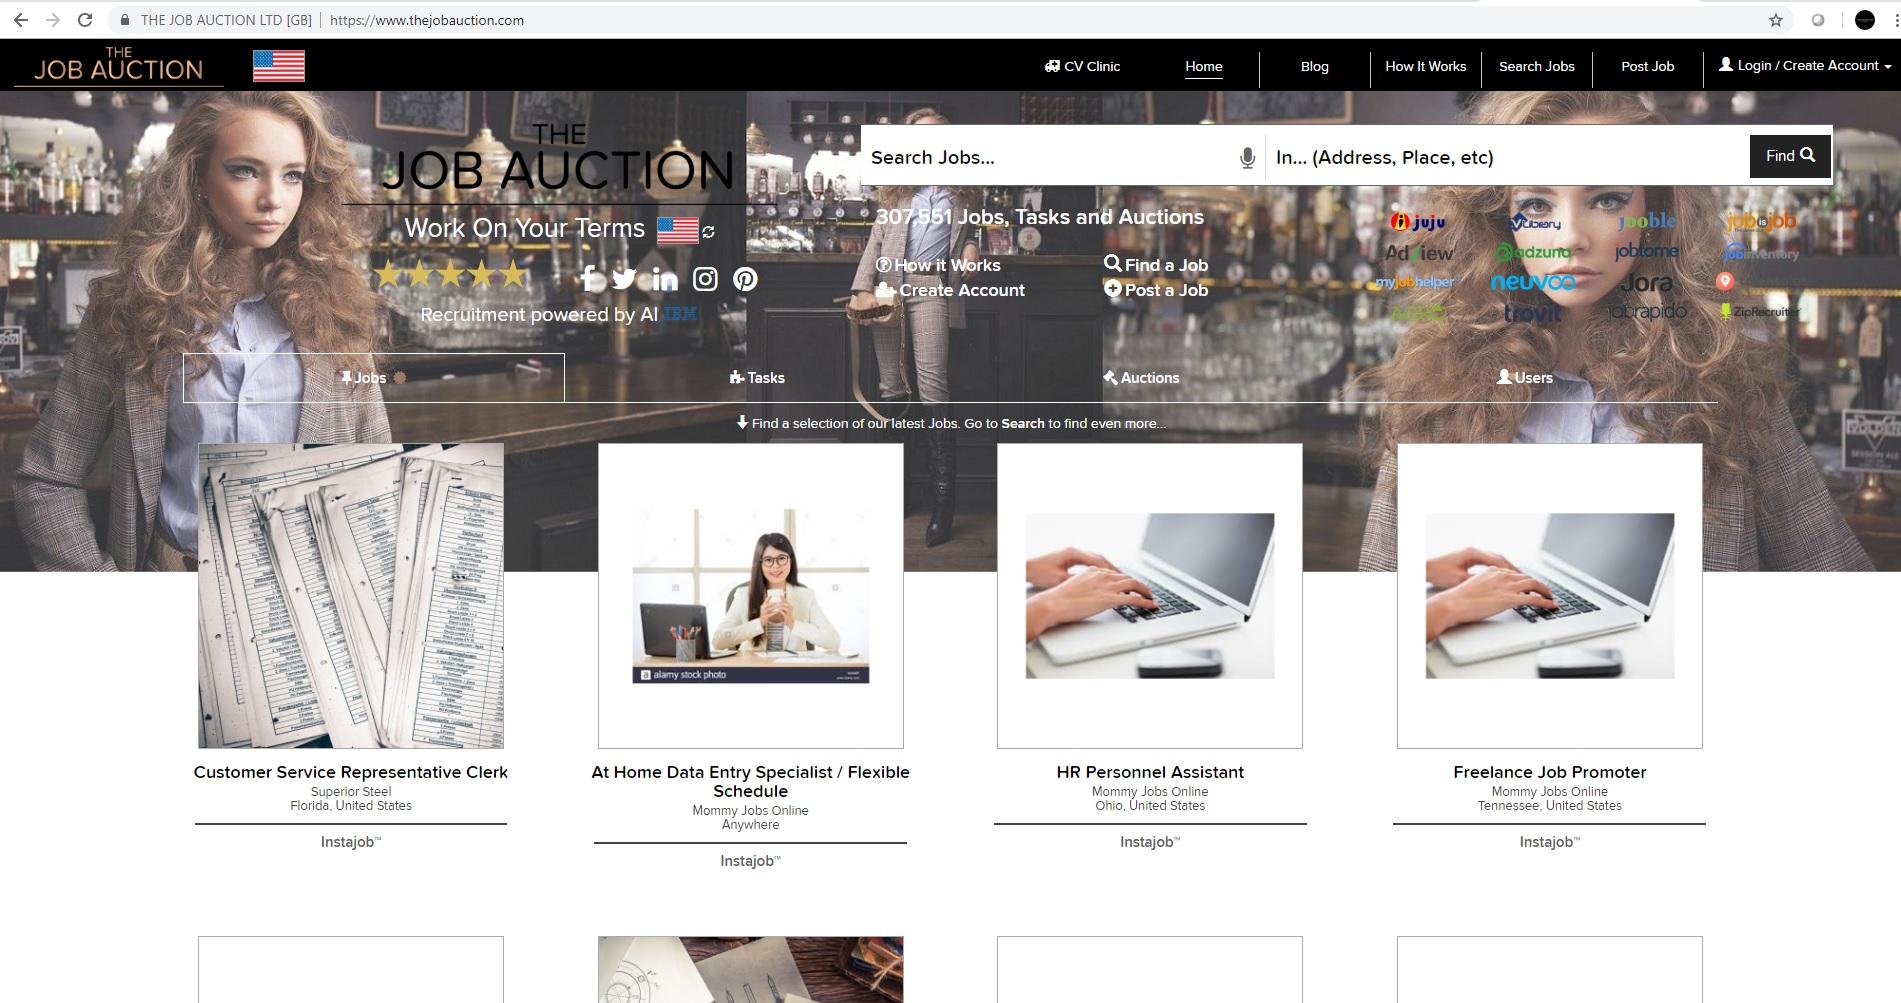 The Job Auction Website